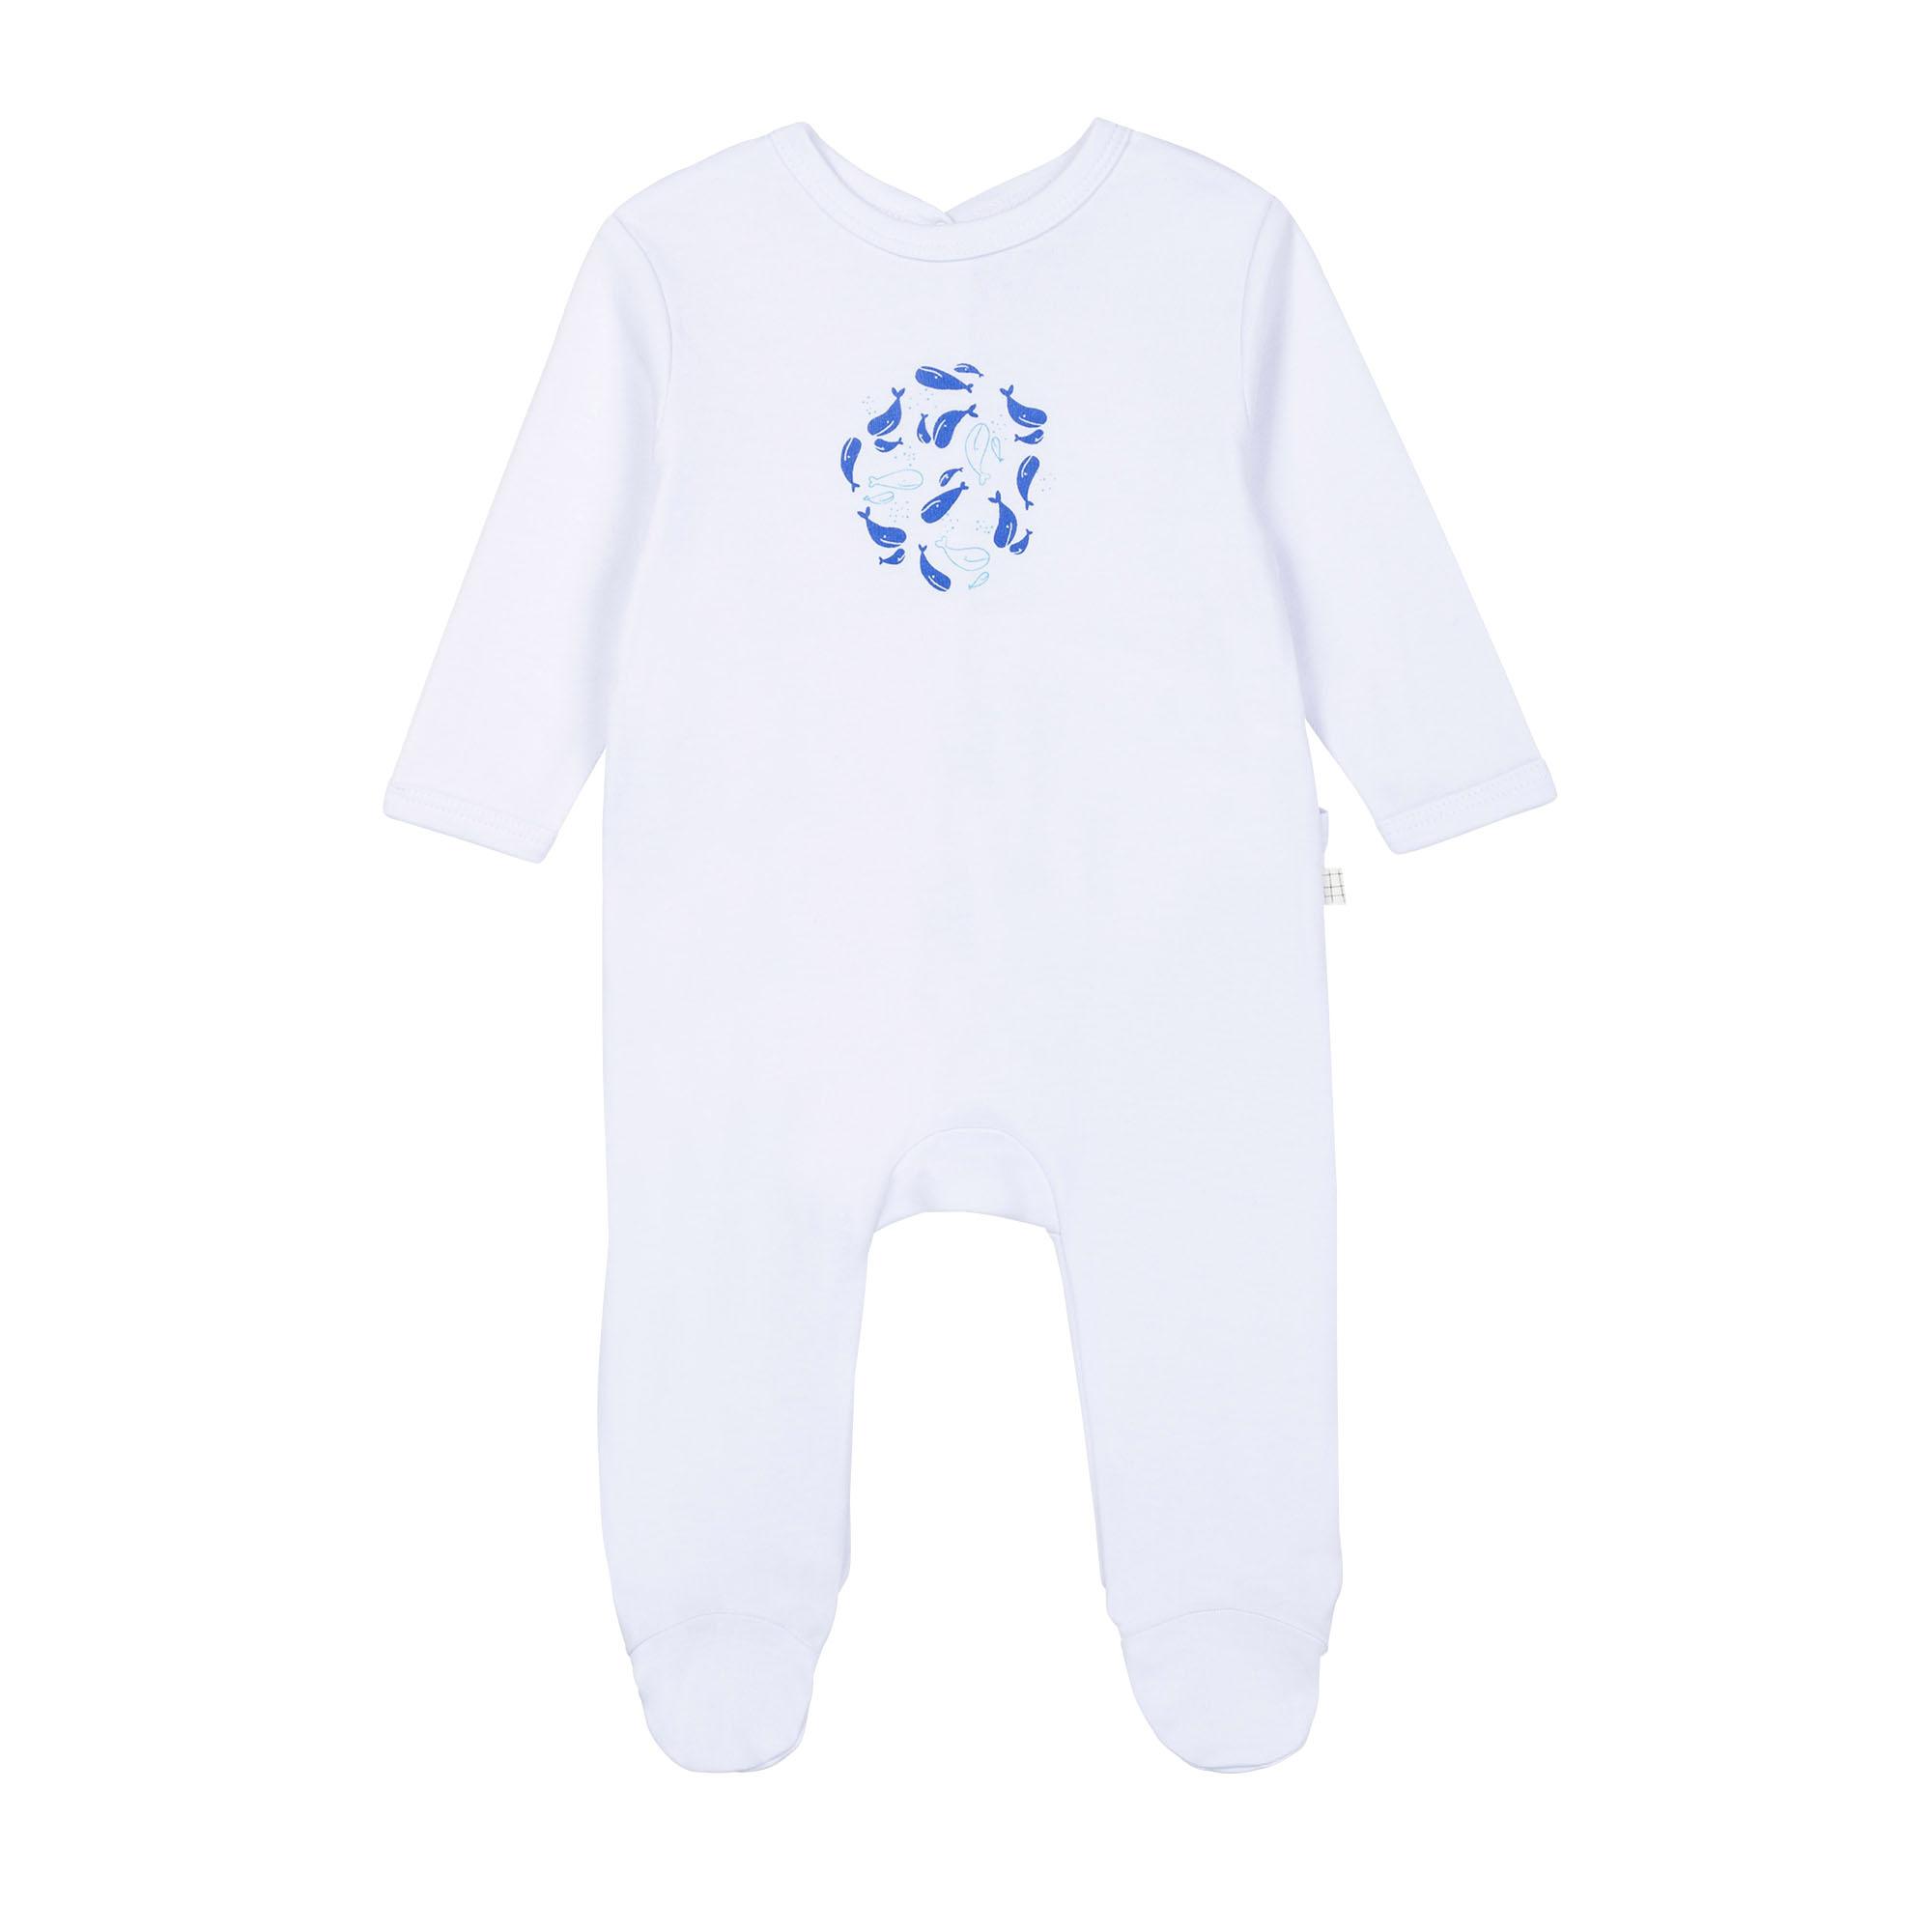 Pyjama en coton biologique avec boîte CARREMENT BEAU BEBE COUCHE GARCON Blanc